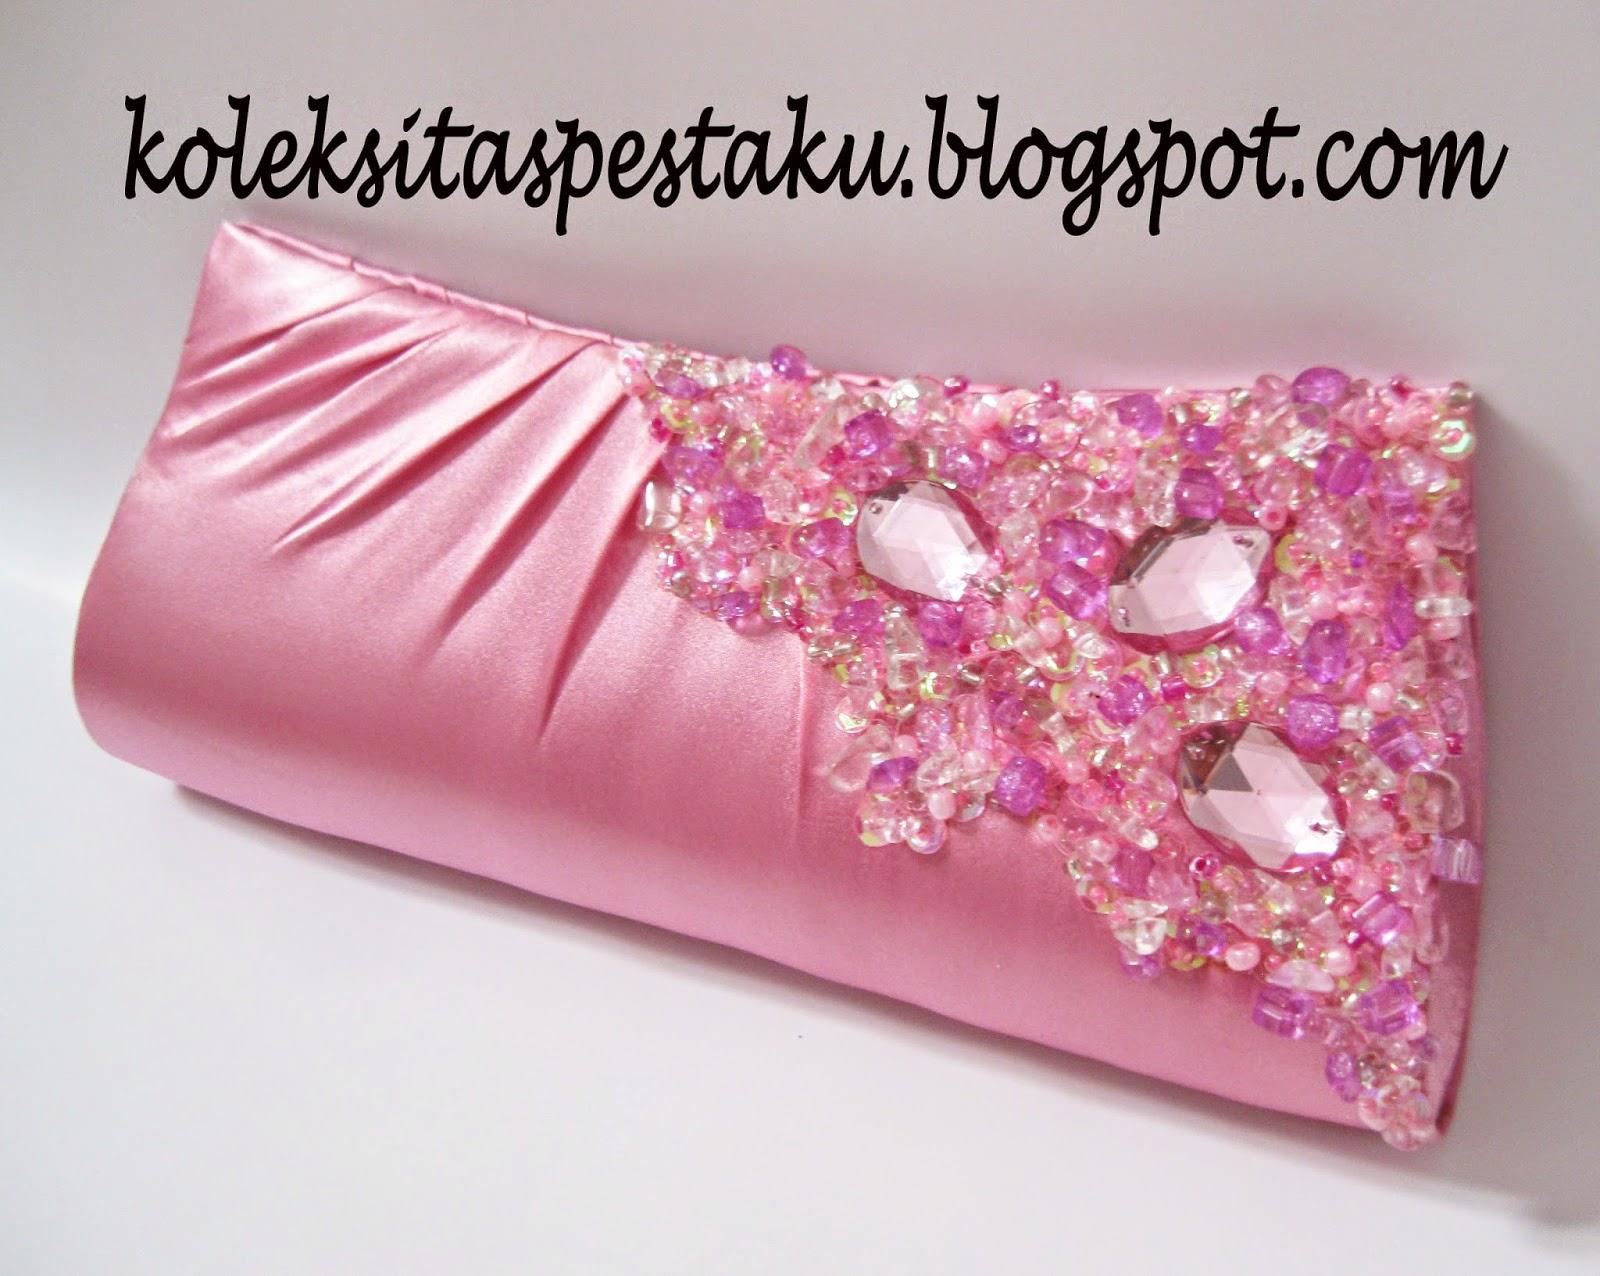 Tas Pesta Centil Unik Pink Ayu Nuansa Payet Silver Mewah Elegant